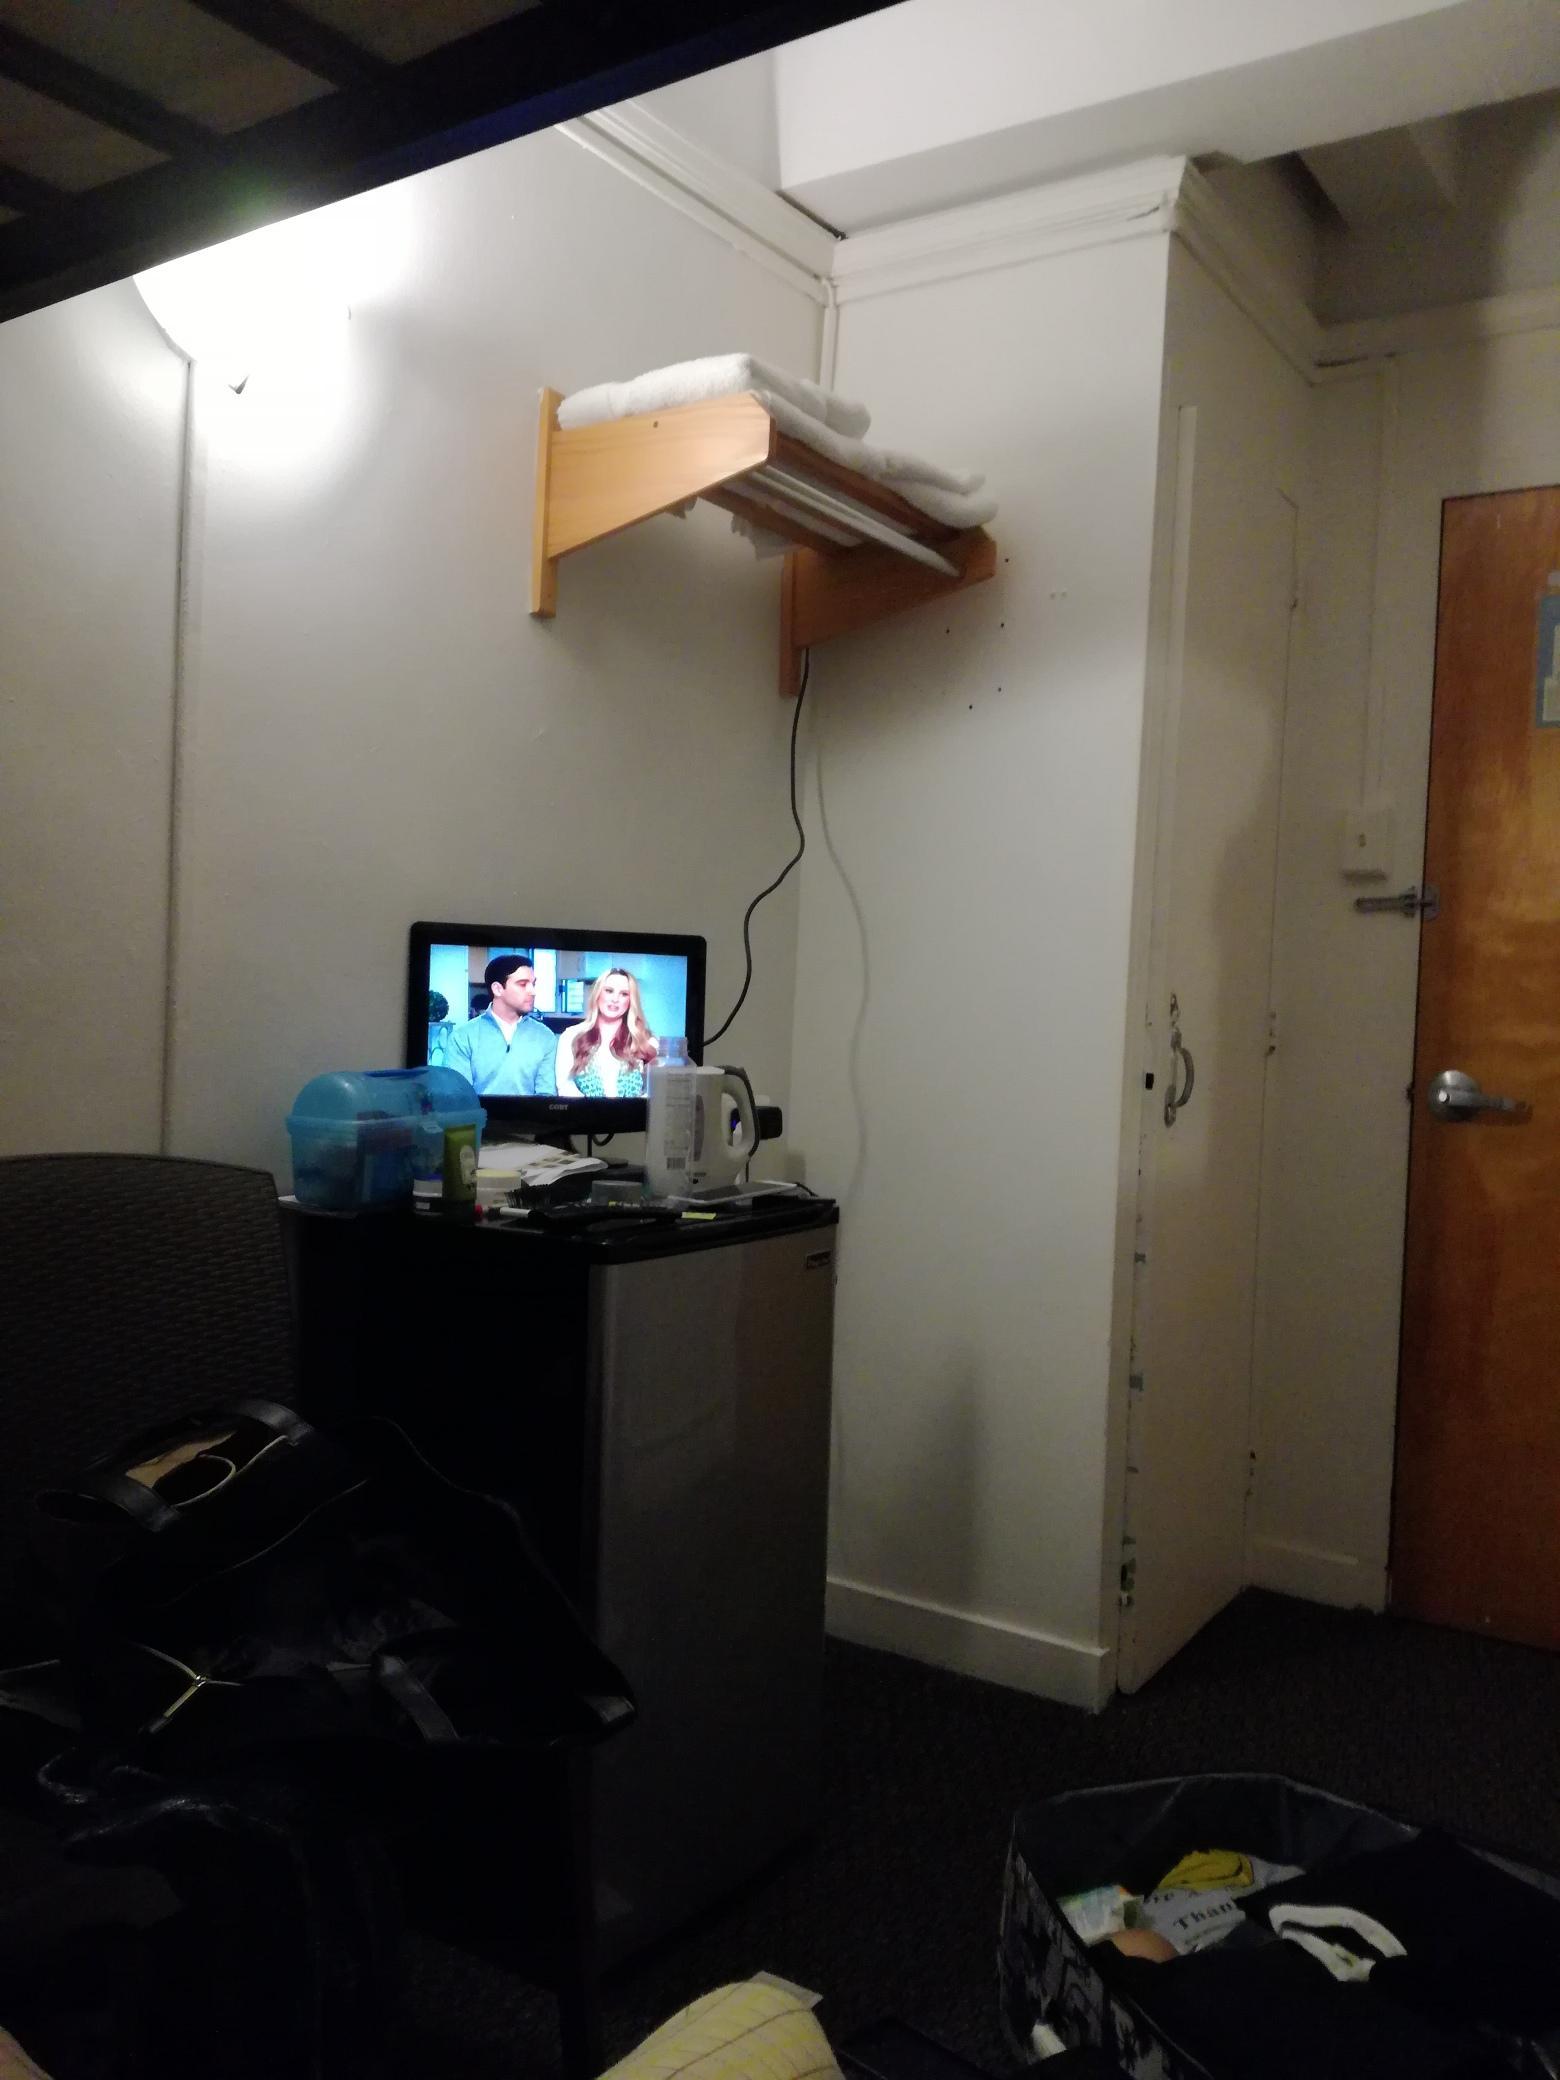 TV and refrigerator